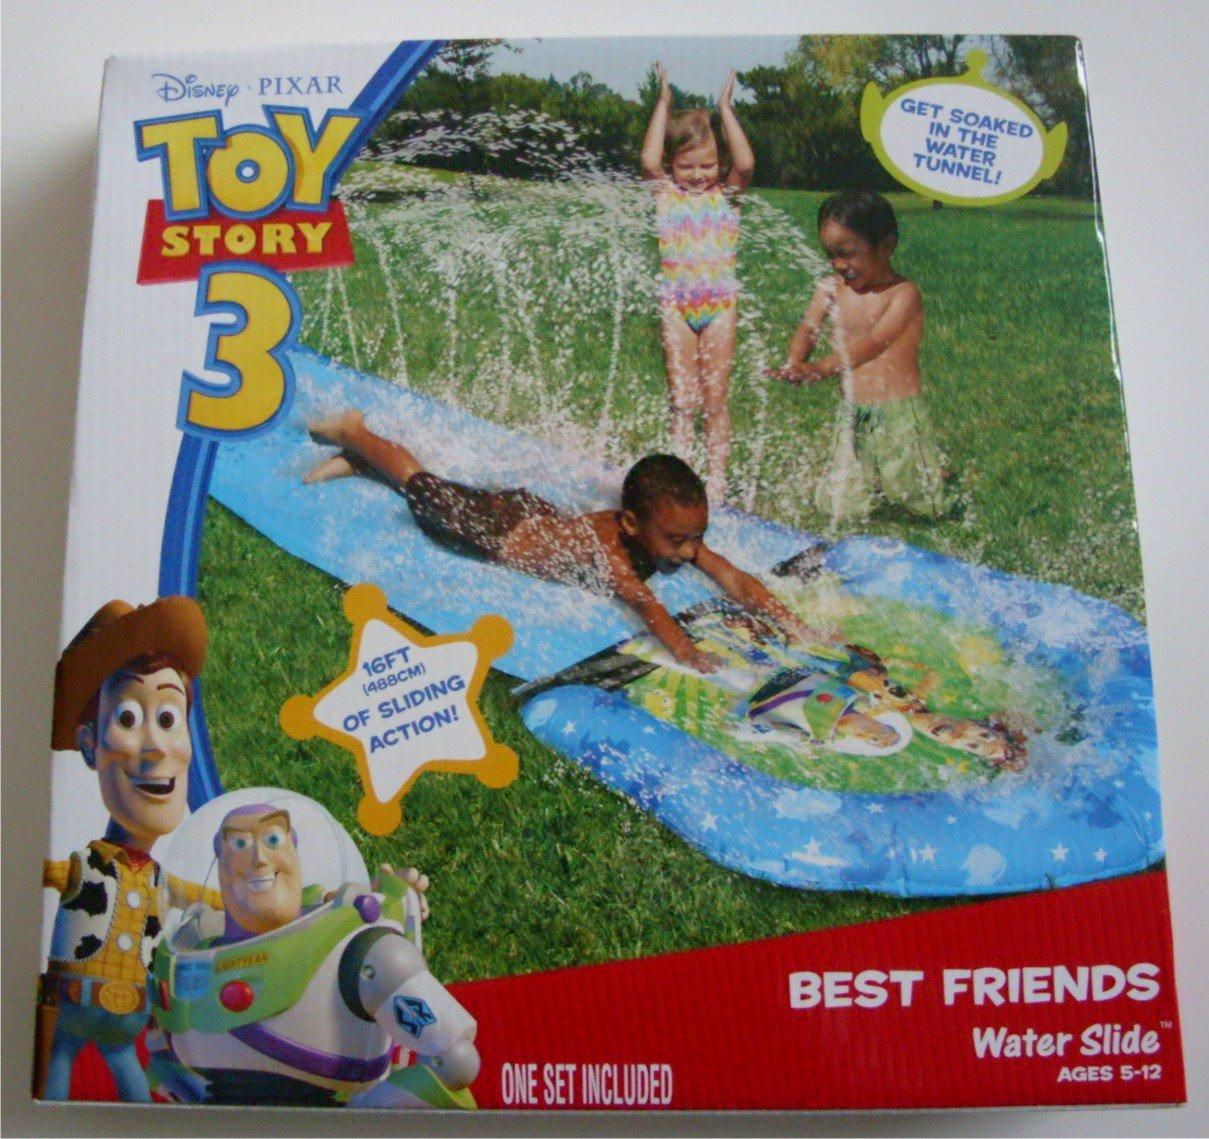 Toy Story 3 Best Friend's Water Slide by Disney